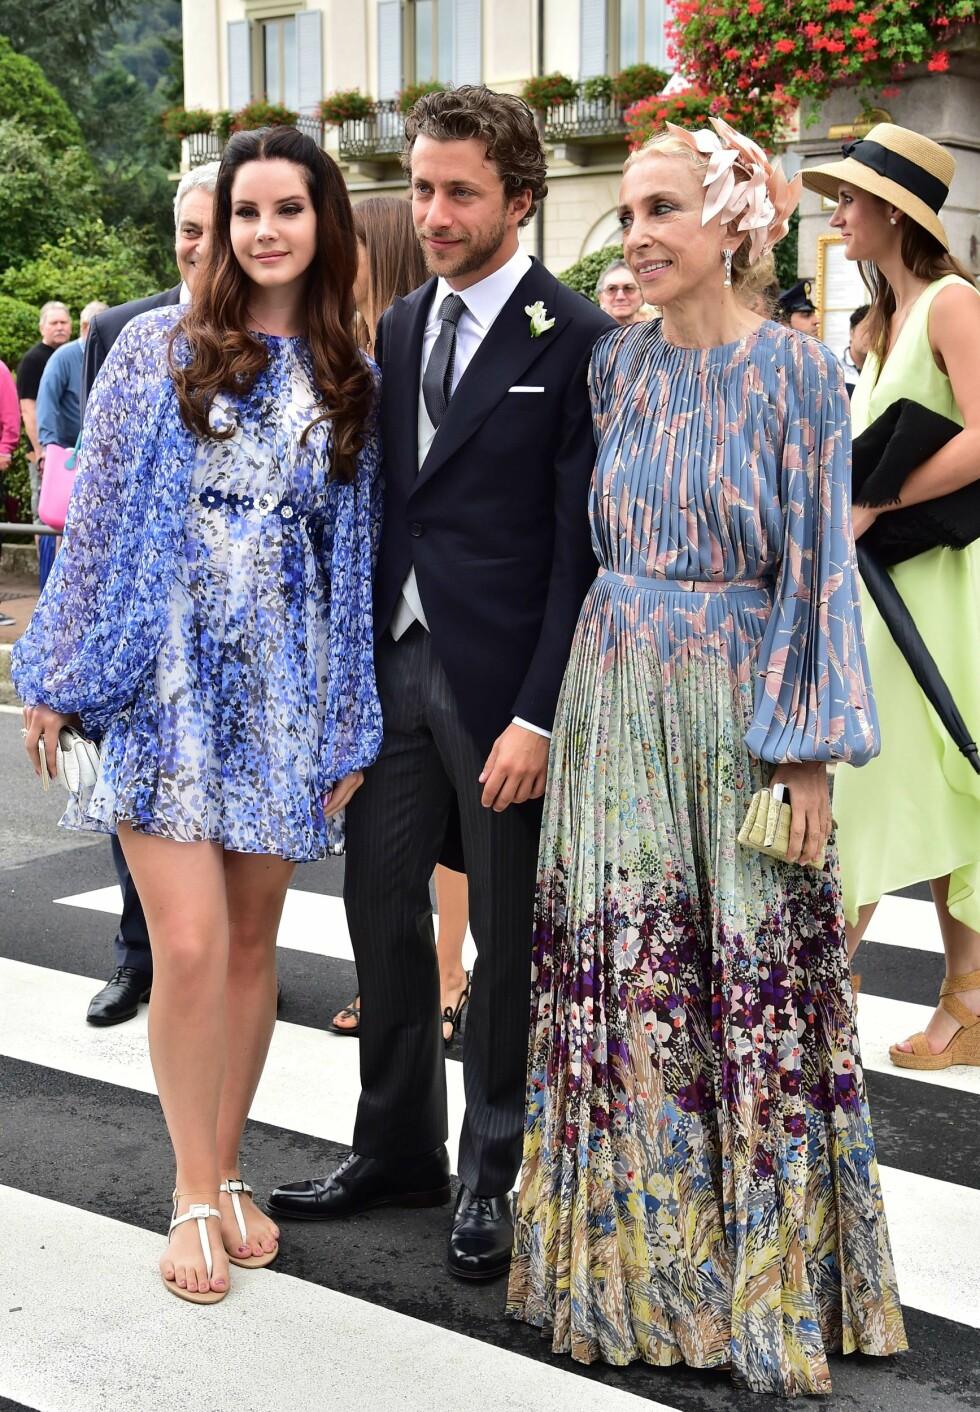 Lana Del Rey, kjæresten Francesco Carrozzini og den italienske journalisten Franca Sozzani Foto: Afp